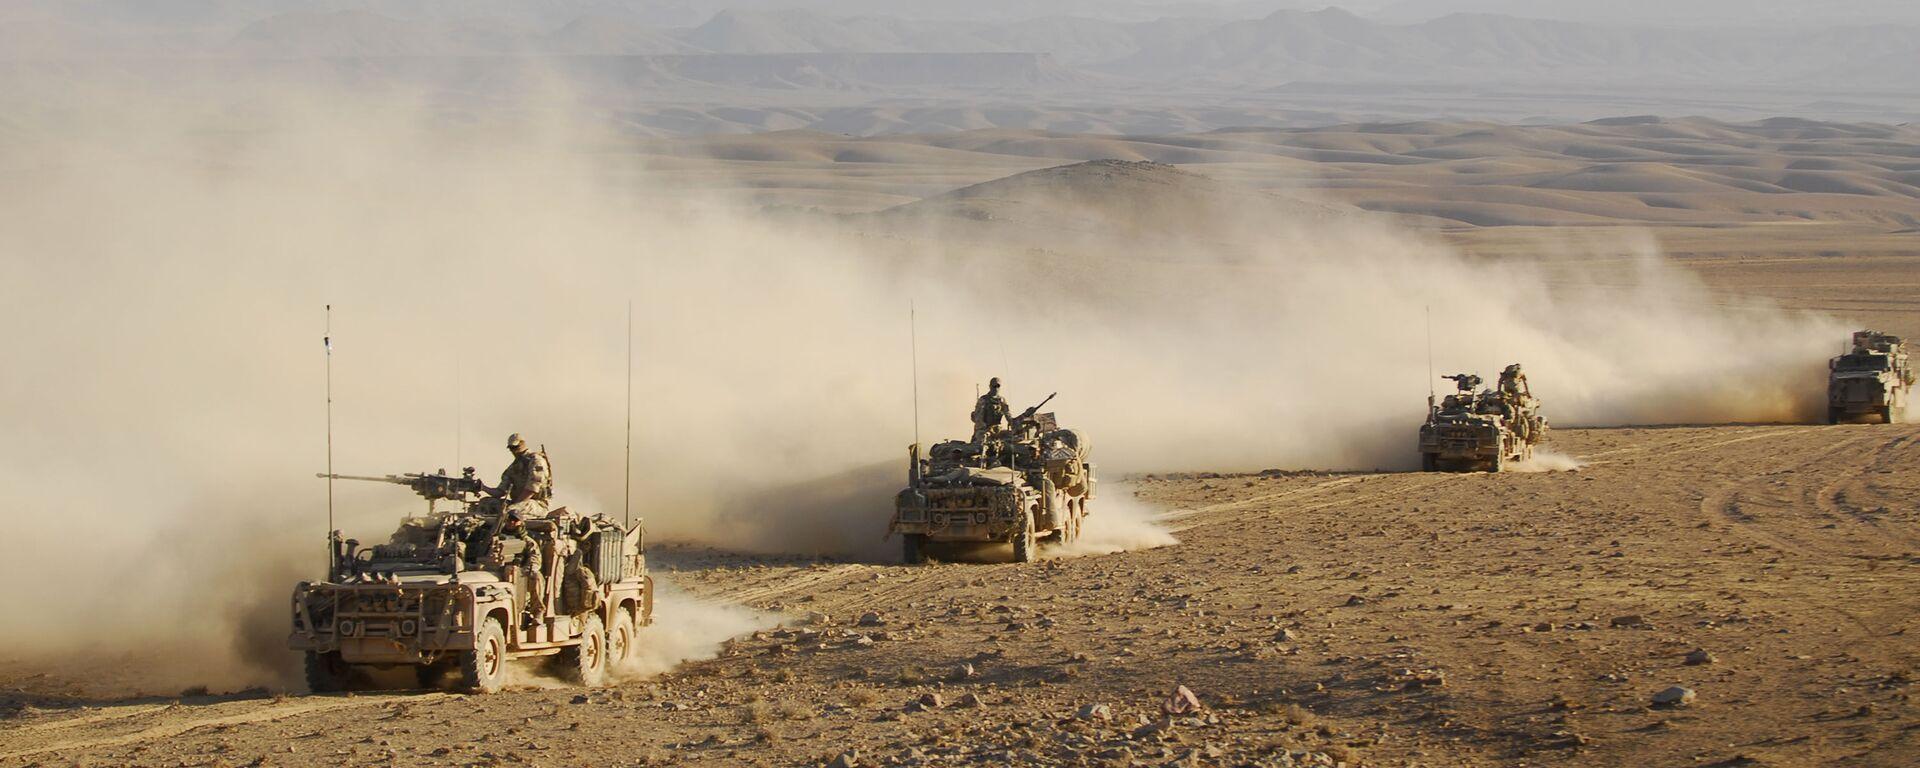 Forze speciali australiane su veicoli di pattuglia a lungo raggio guidano in convoglio attraverso uno dei deserti dell'Afghanistan (File) - Sputnik Italia, 1920, 11.09.2021